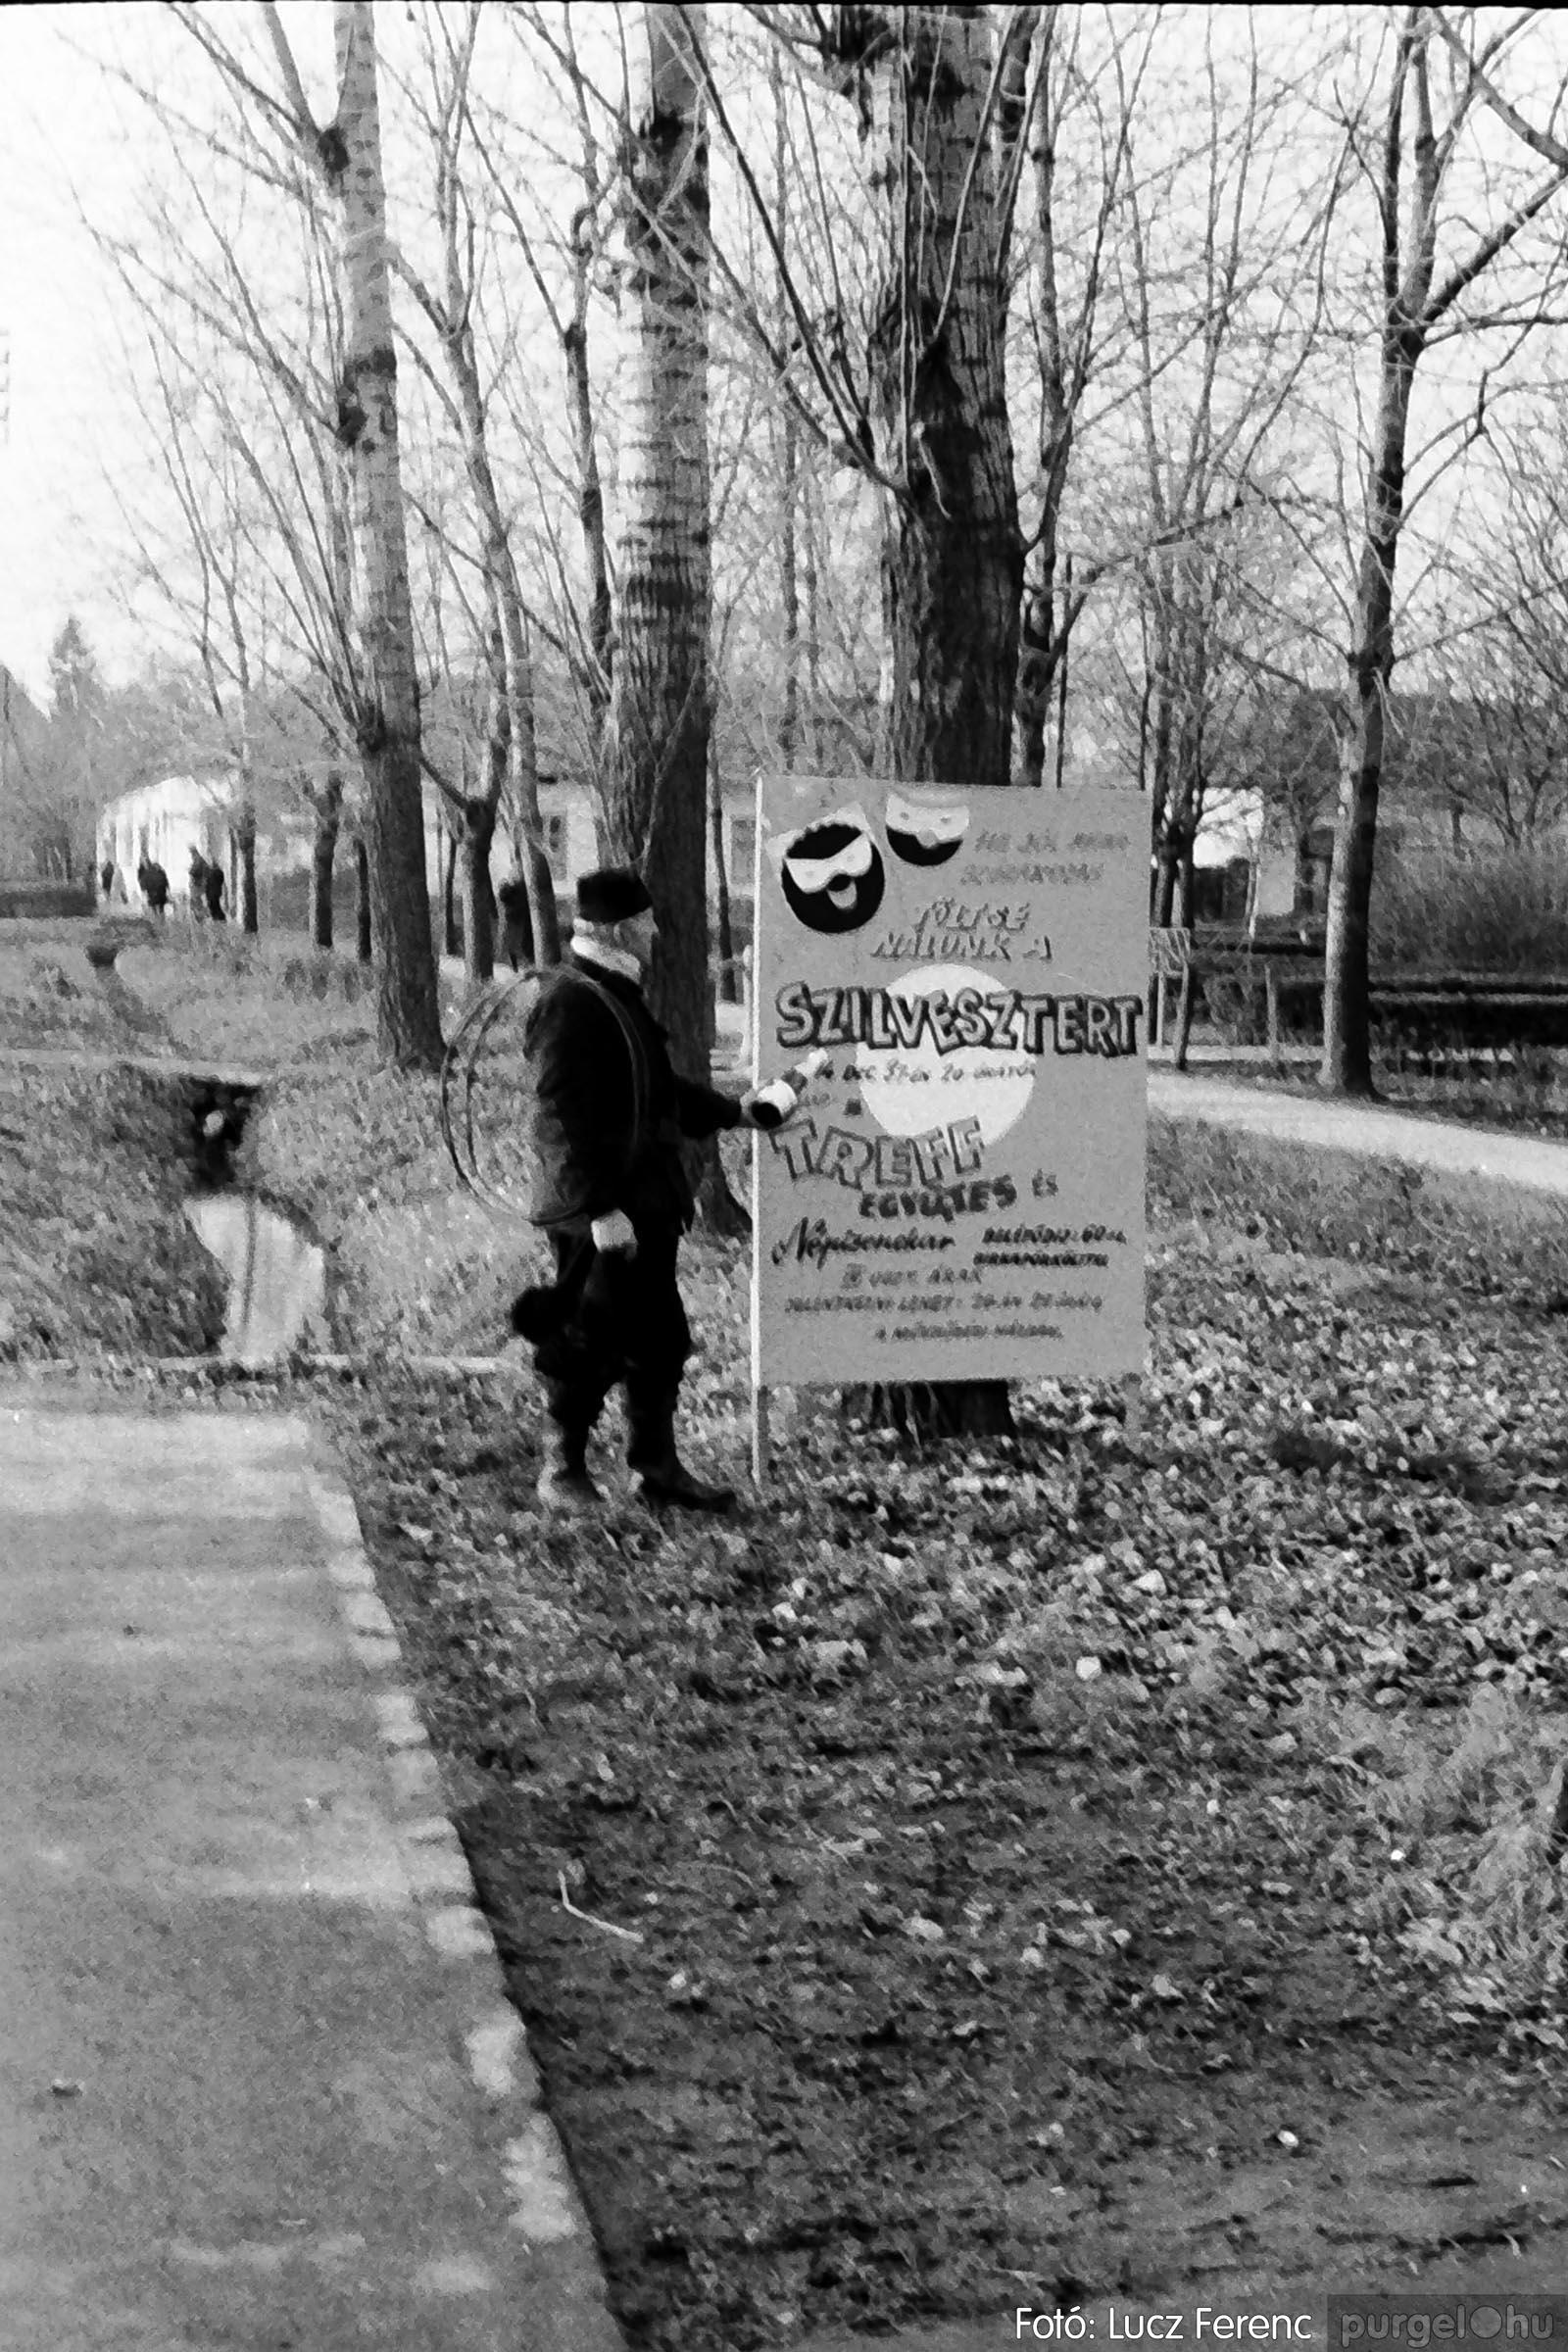 005 1974.12.31. Szilveszter 011 - Fotó: Lucz Ferenc - IMG00012q.jpg